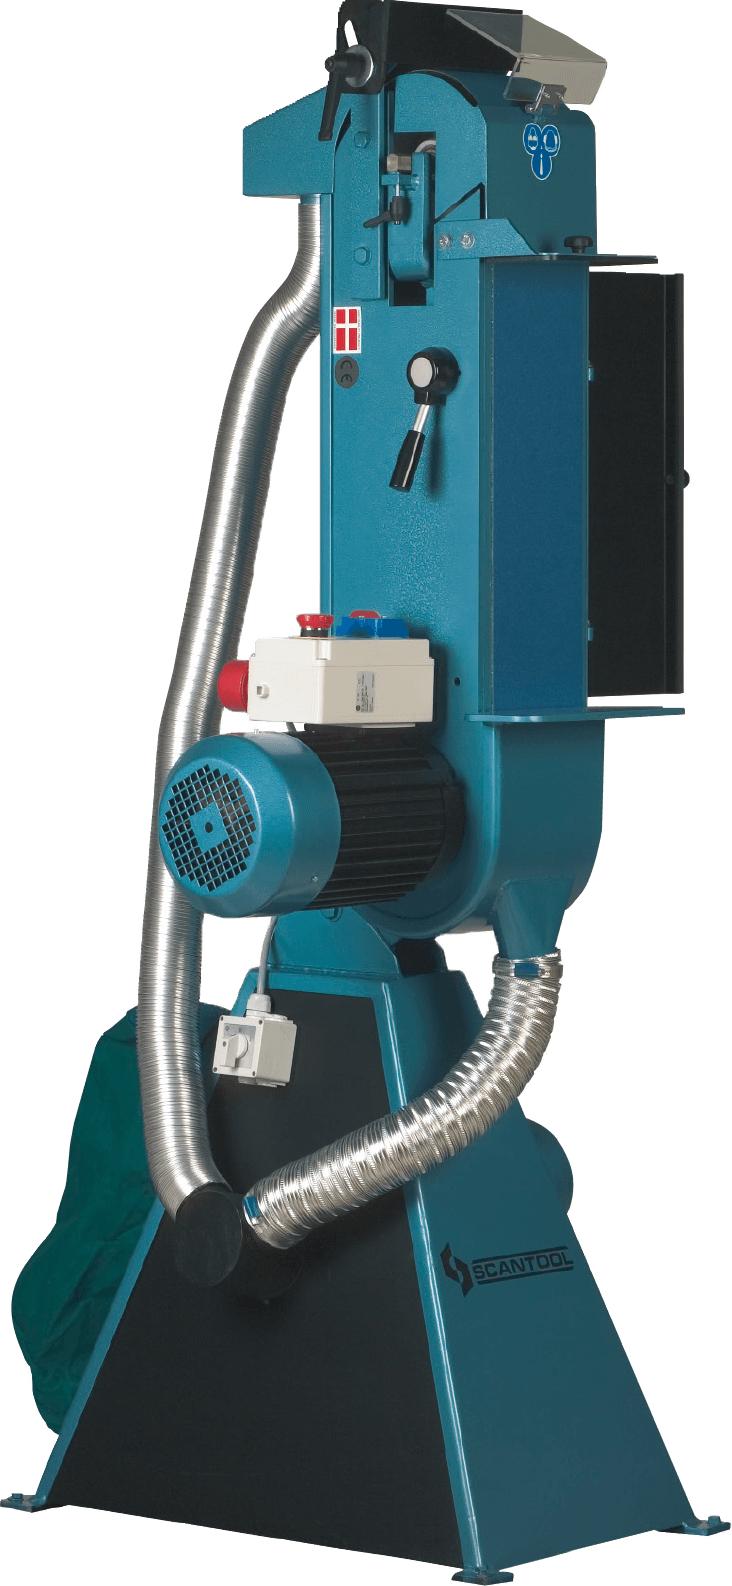 Szlifierka taśmowa Scantool 150VX do pracy w pionie z wbudowanym odciągiem pyłów - 3,6 kW